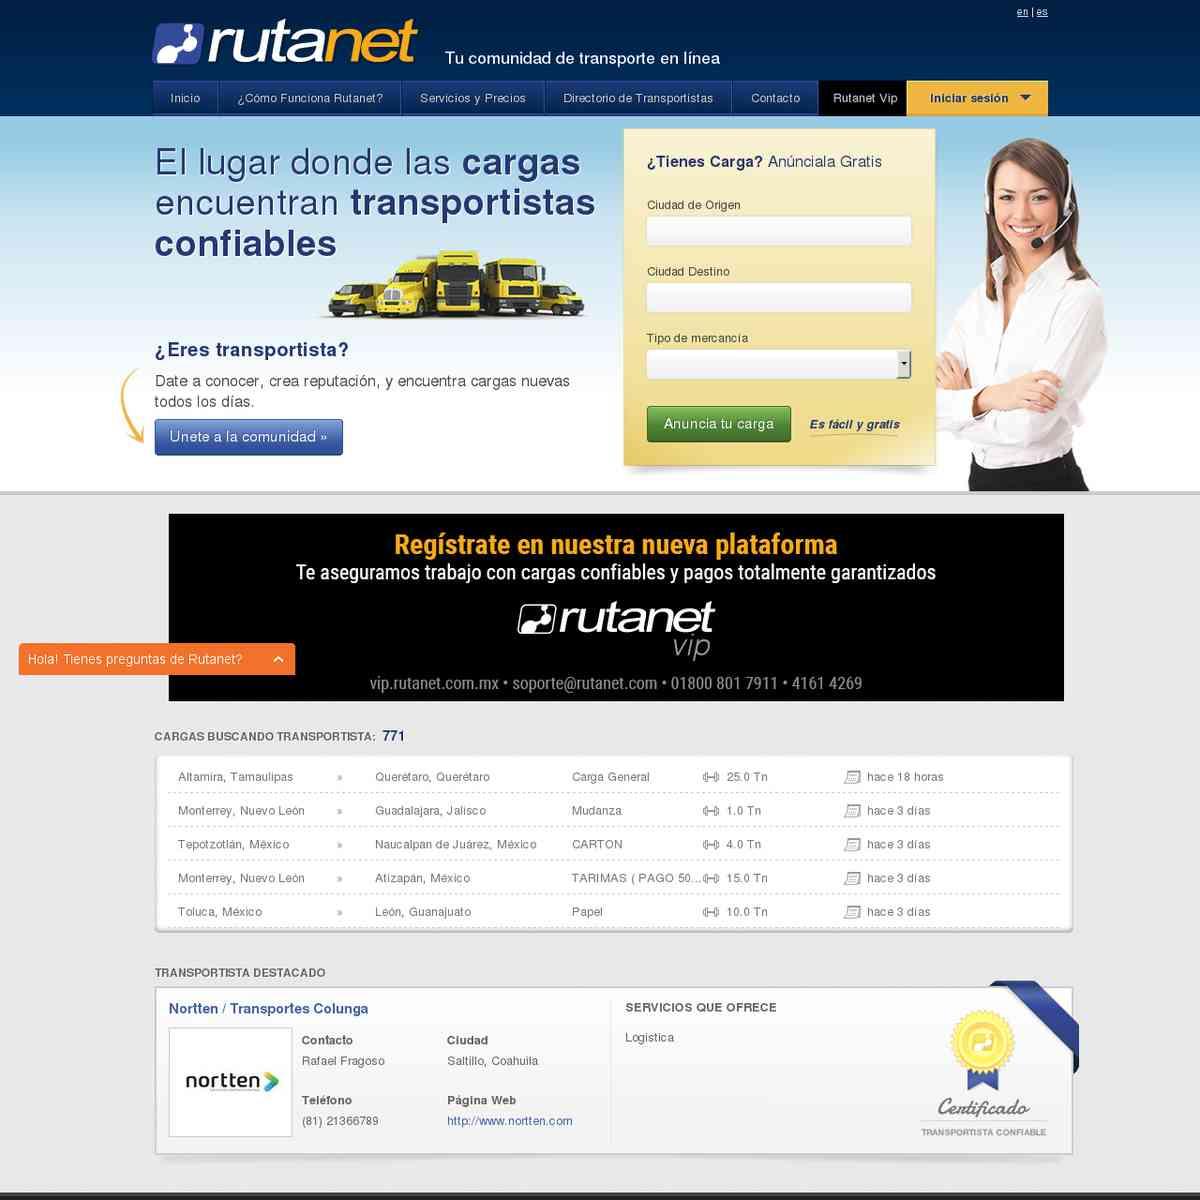 rutanet.com